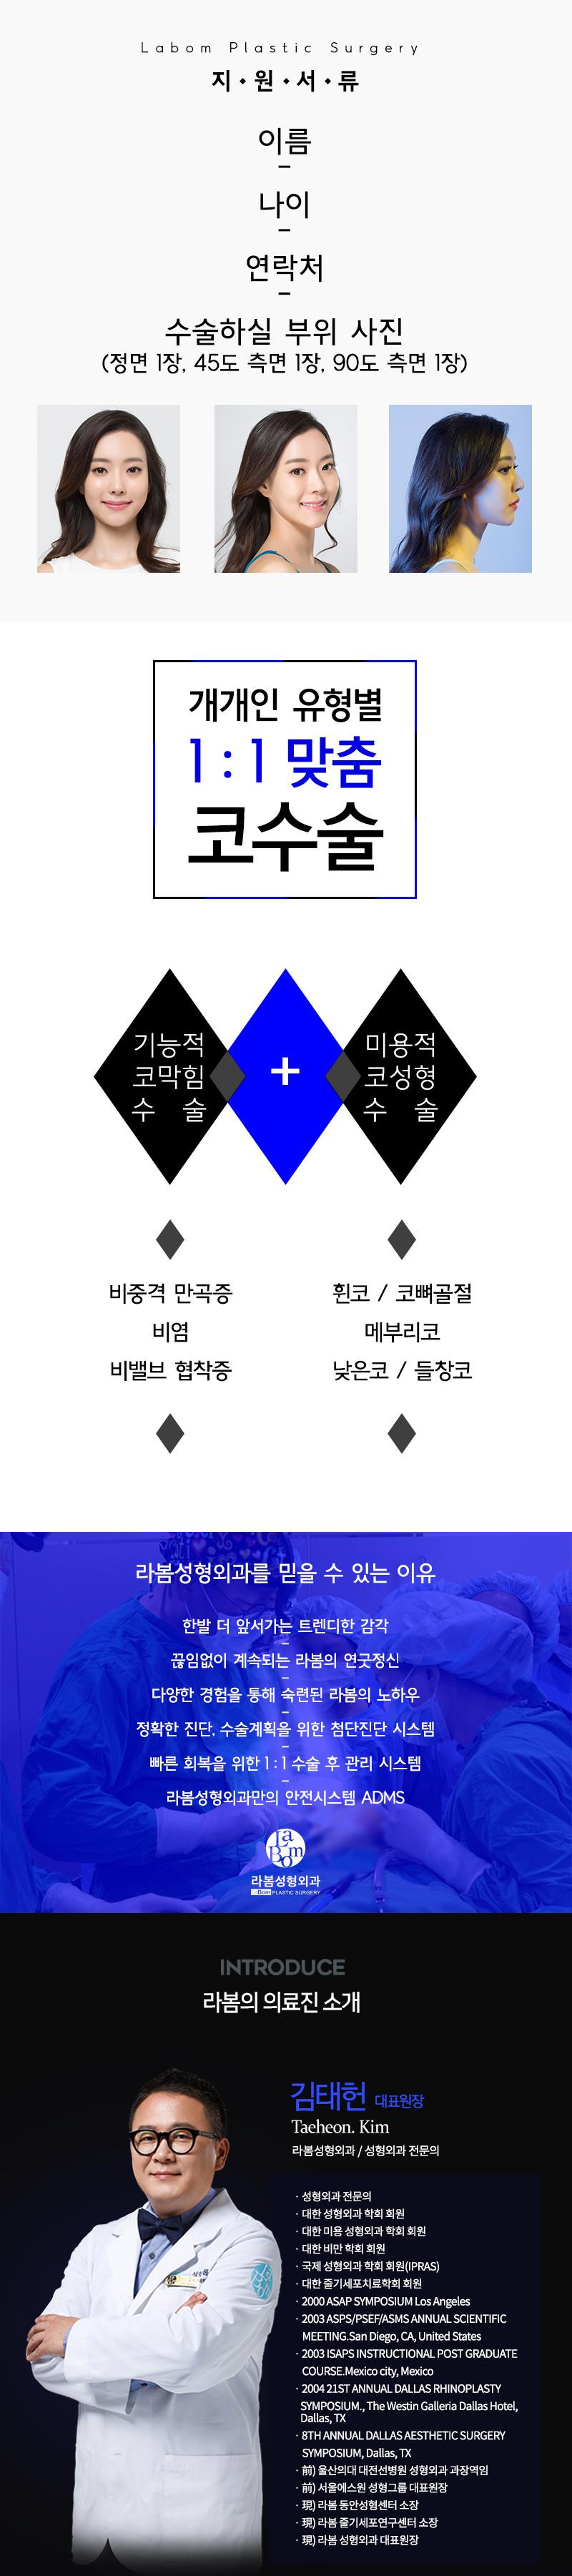 D event info b7a86a26a7ee4f217e